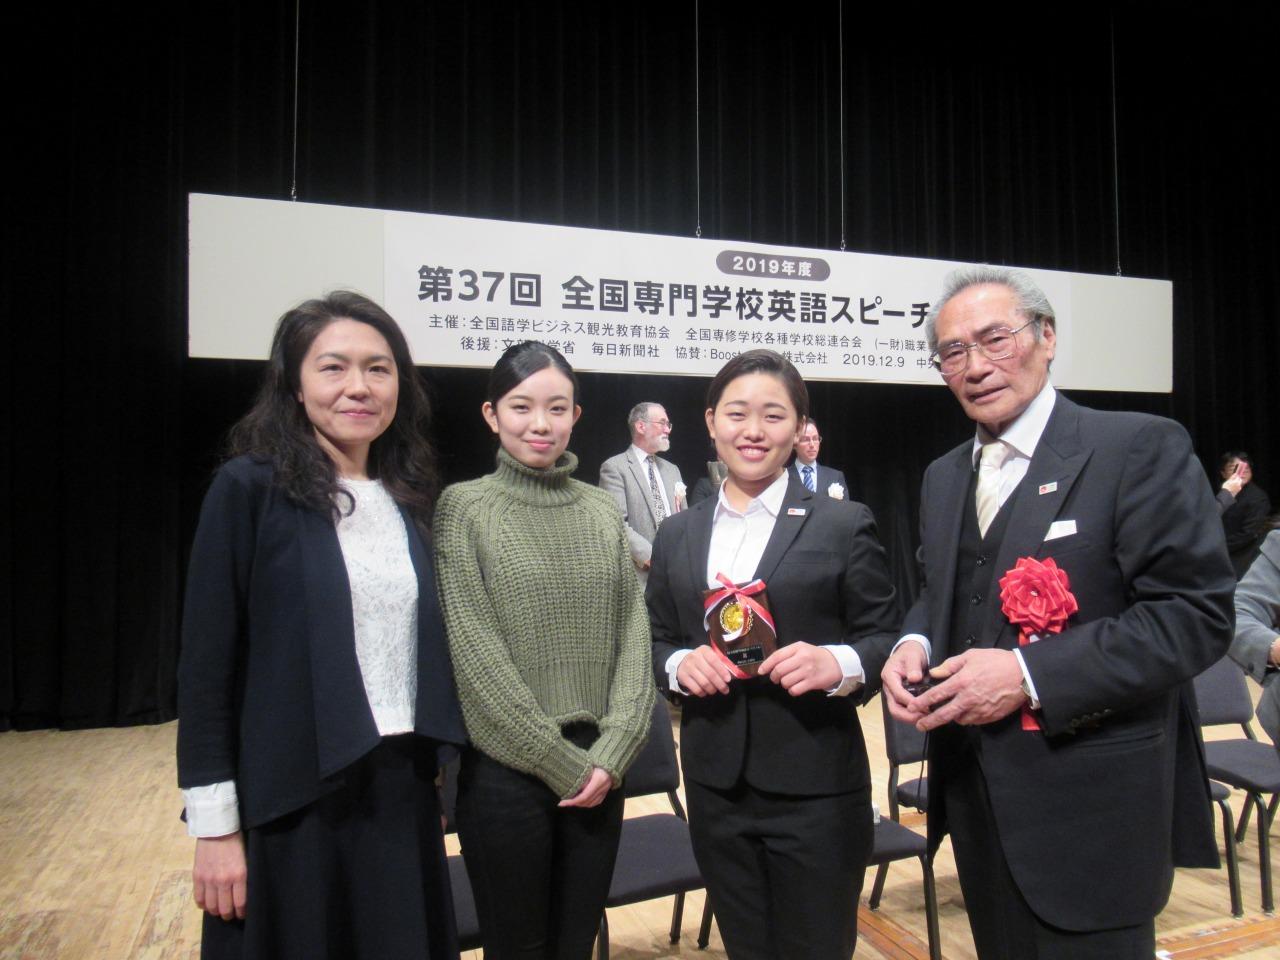 応援に駆け付けた江口先生、クラスメート小久保さん、向さん、石塚理事長